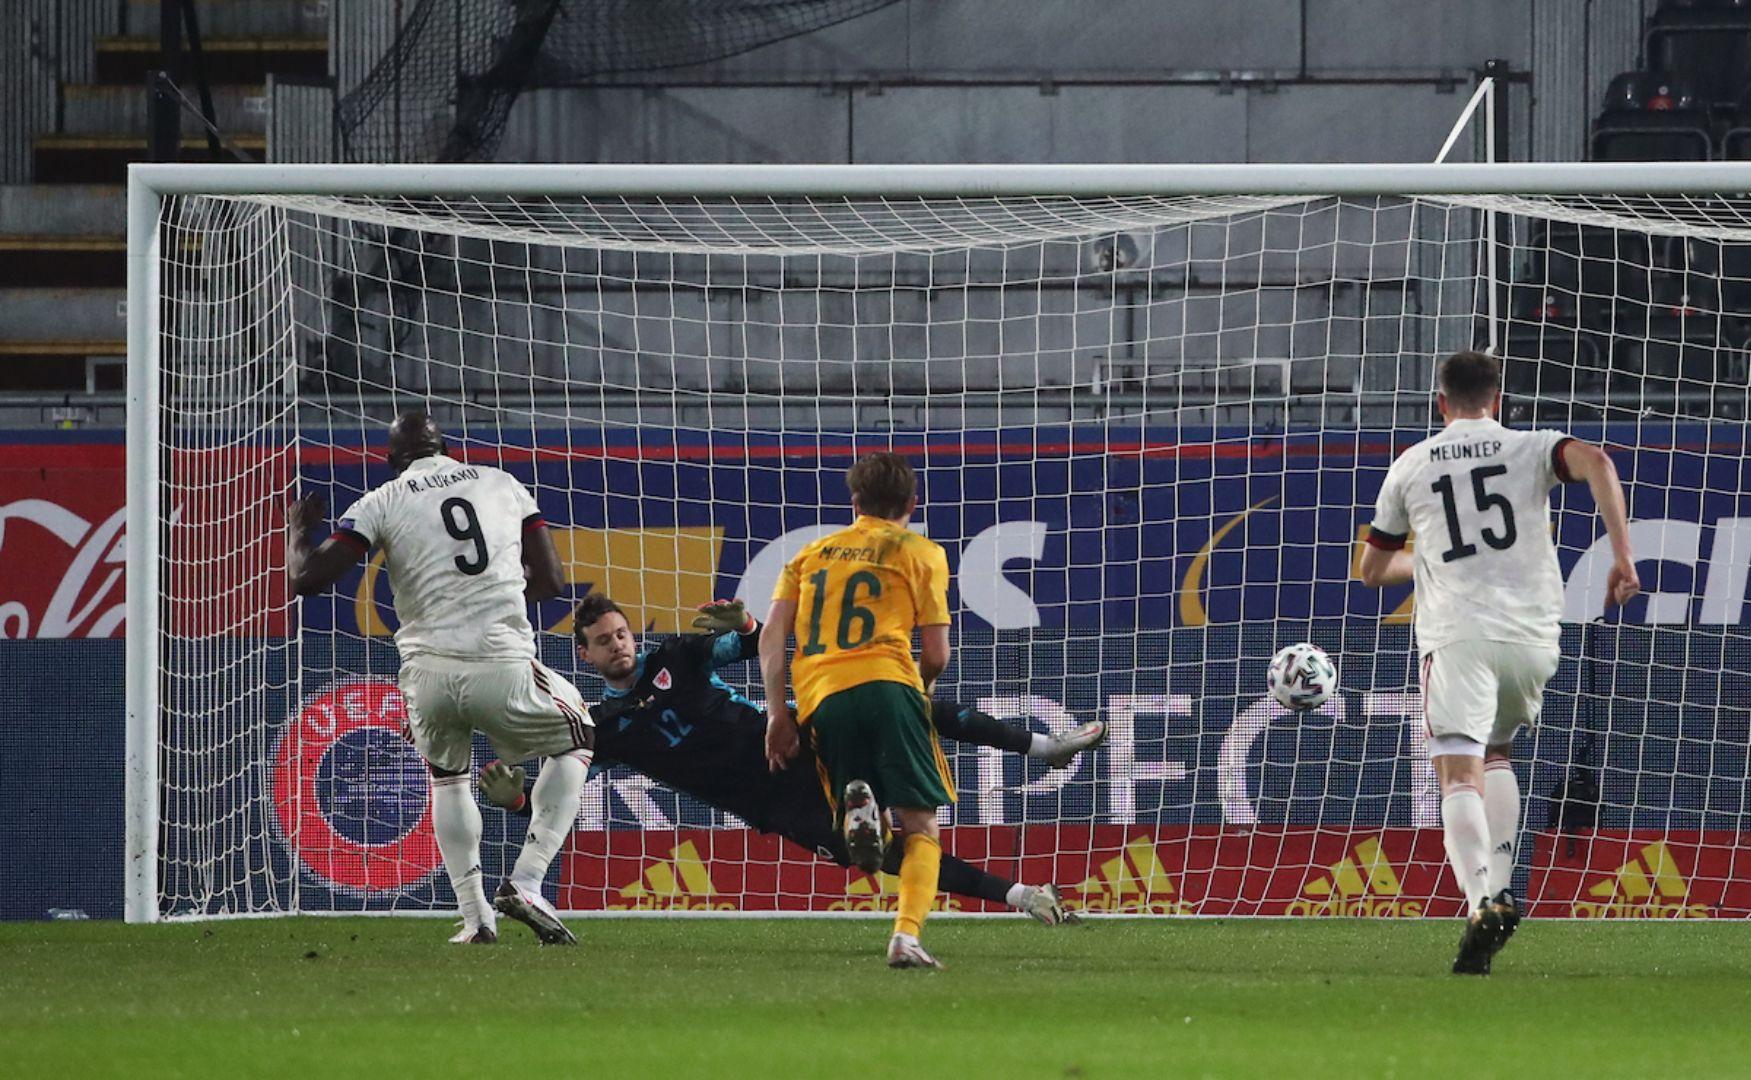 Gwlad Belg 3-1 Cymru